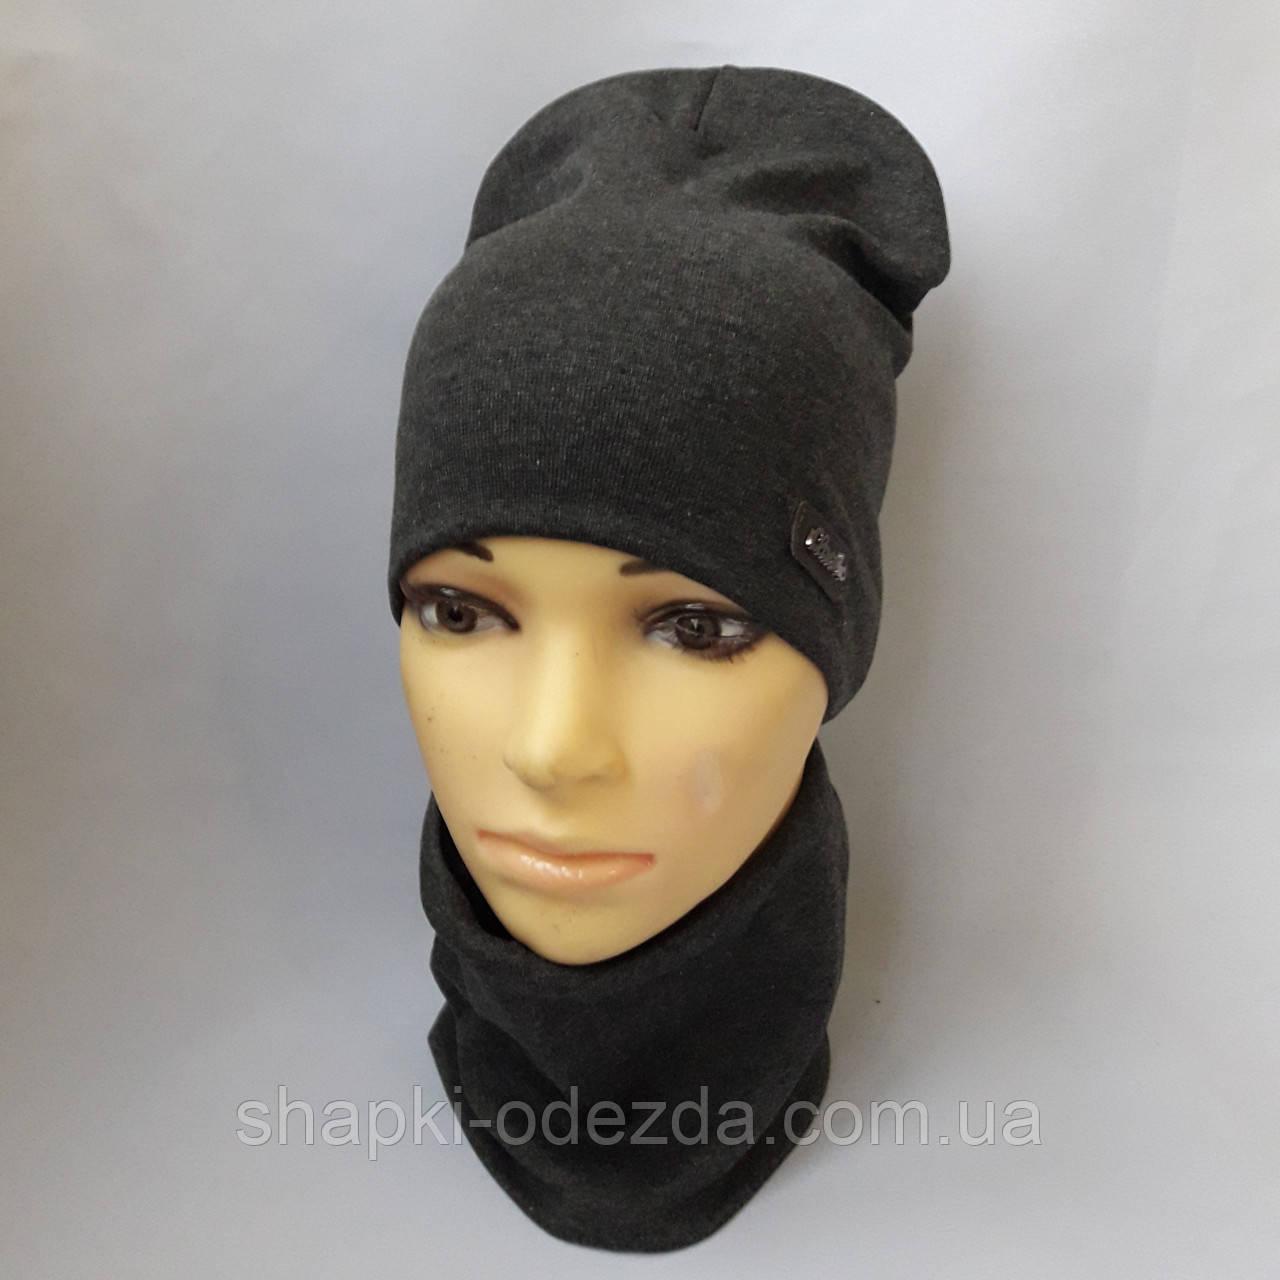 Детская трикотажная шапка  с хомутом для мальчика двойной р 52-54  оптом